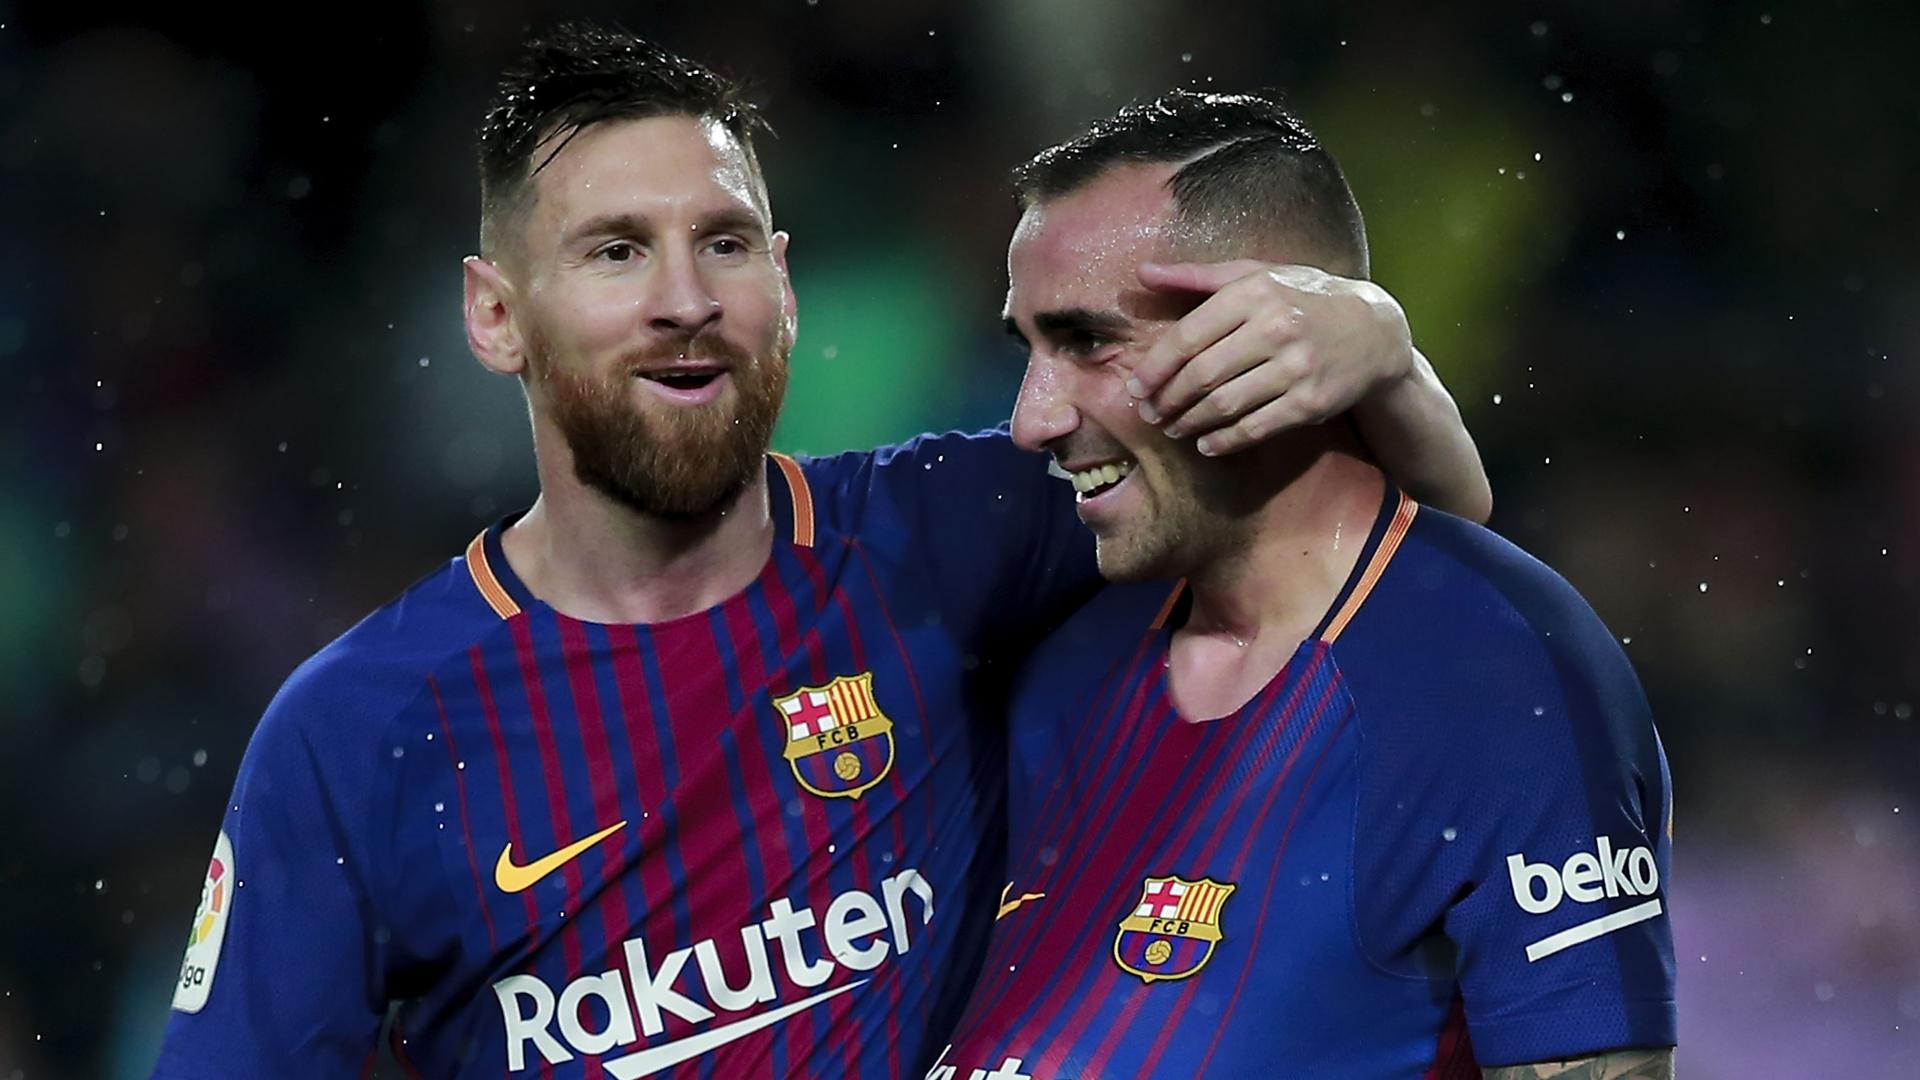 Com gol de Messi, Barcelona vence Atlético de Bilbao e segue invicto